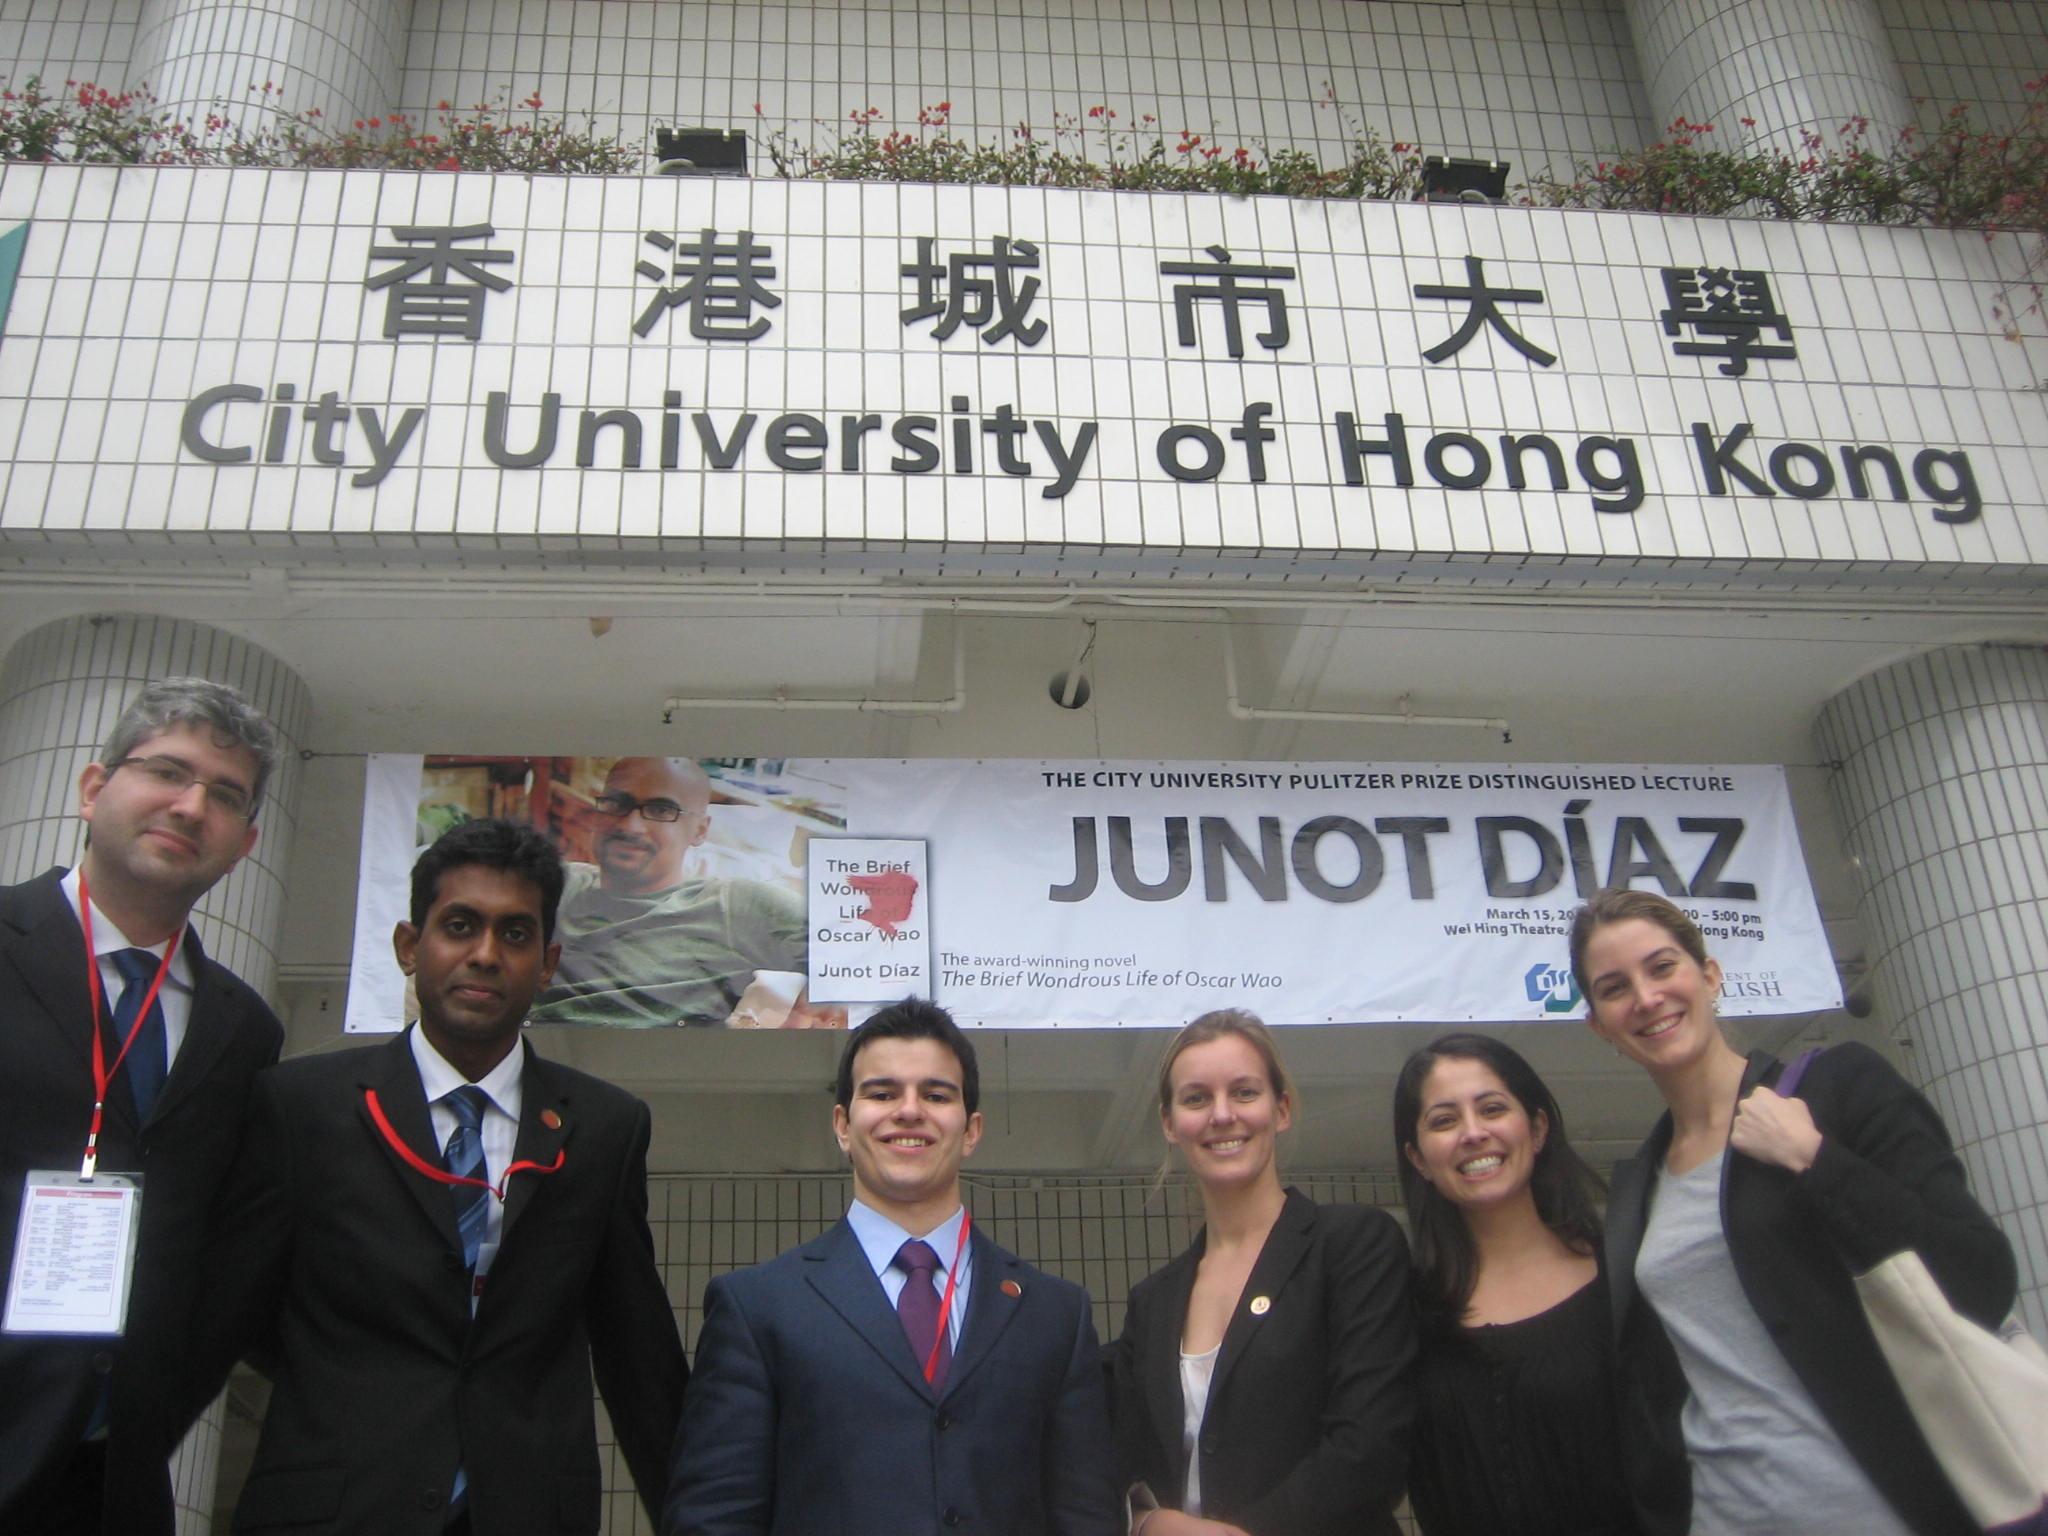 NYU Students at the City University of Hong Kong